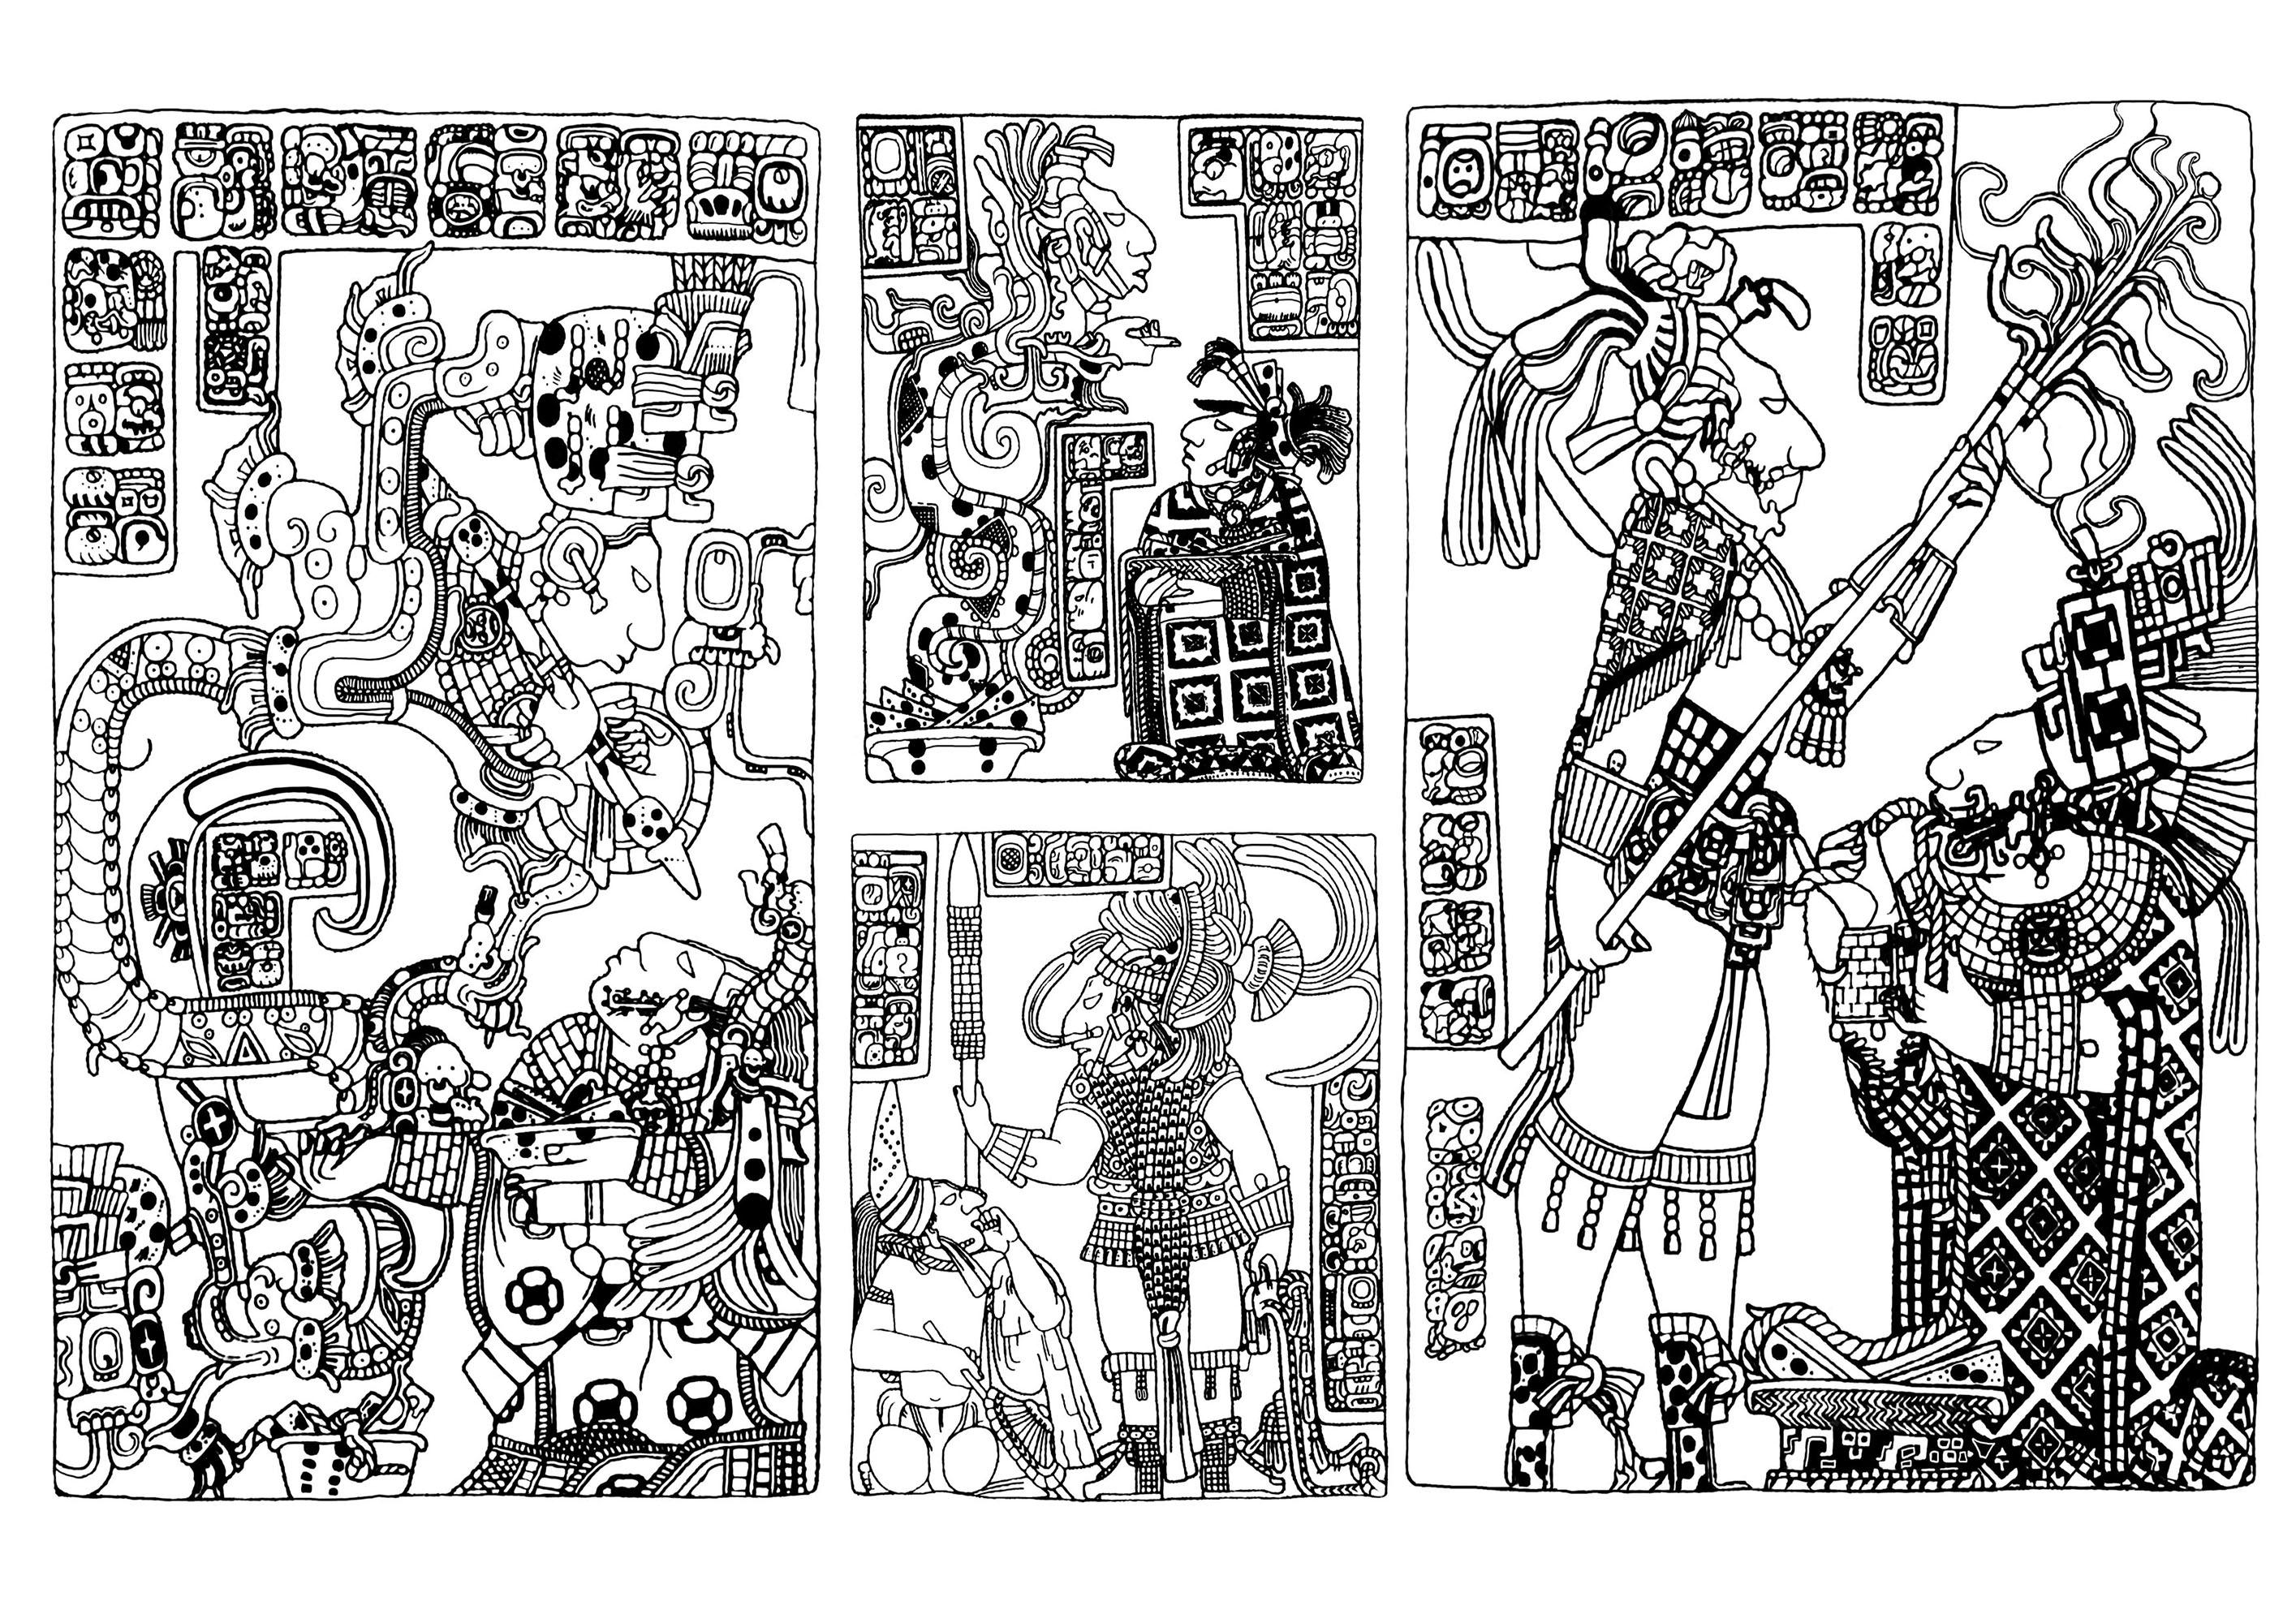 Disegni da colorare per adulti : Maya, Aztechi e Incas - 31